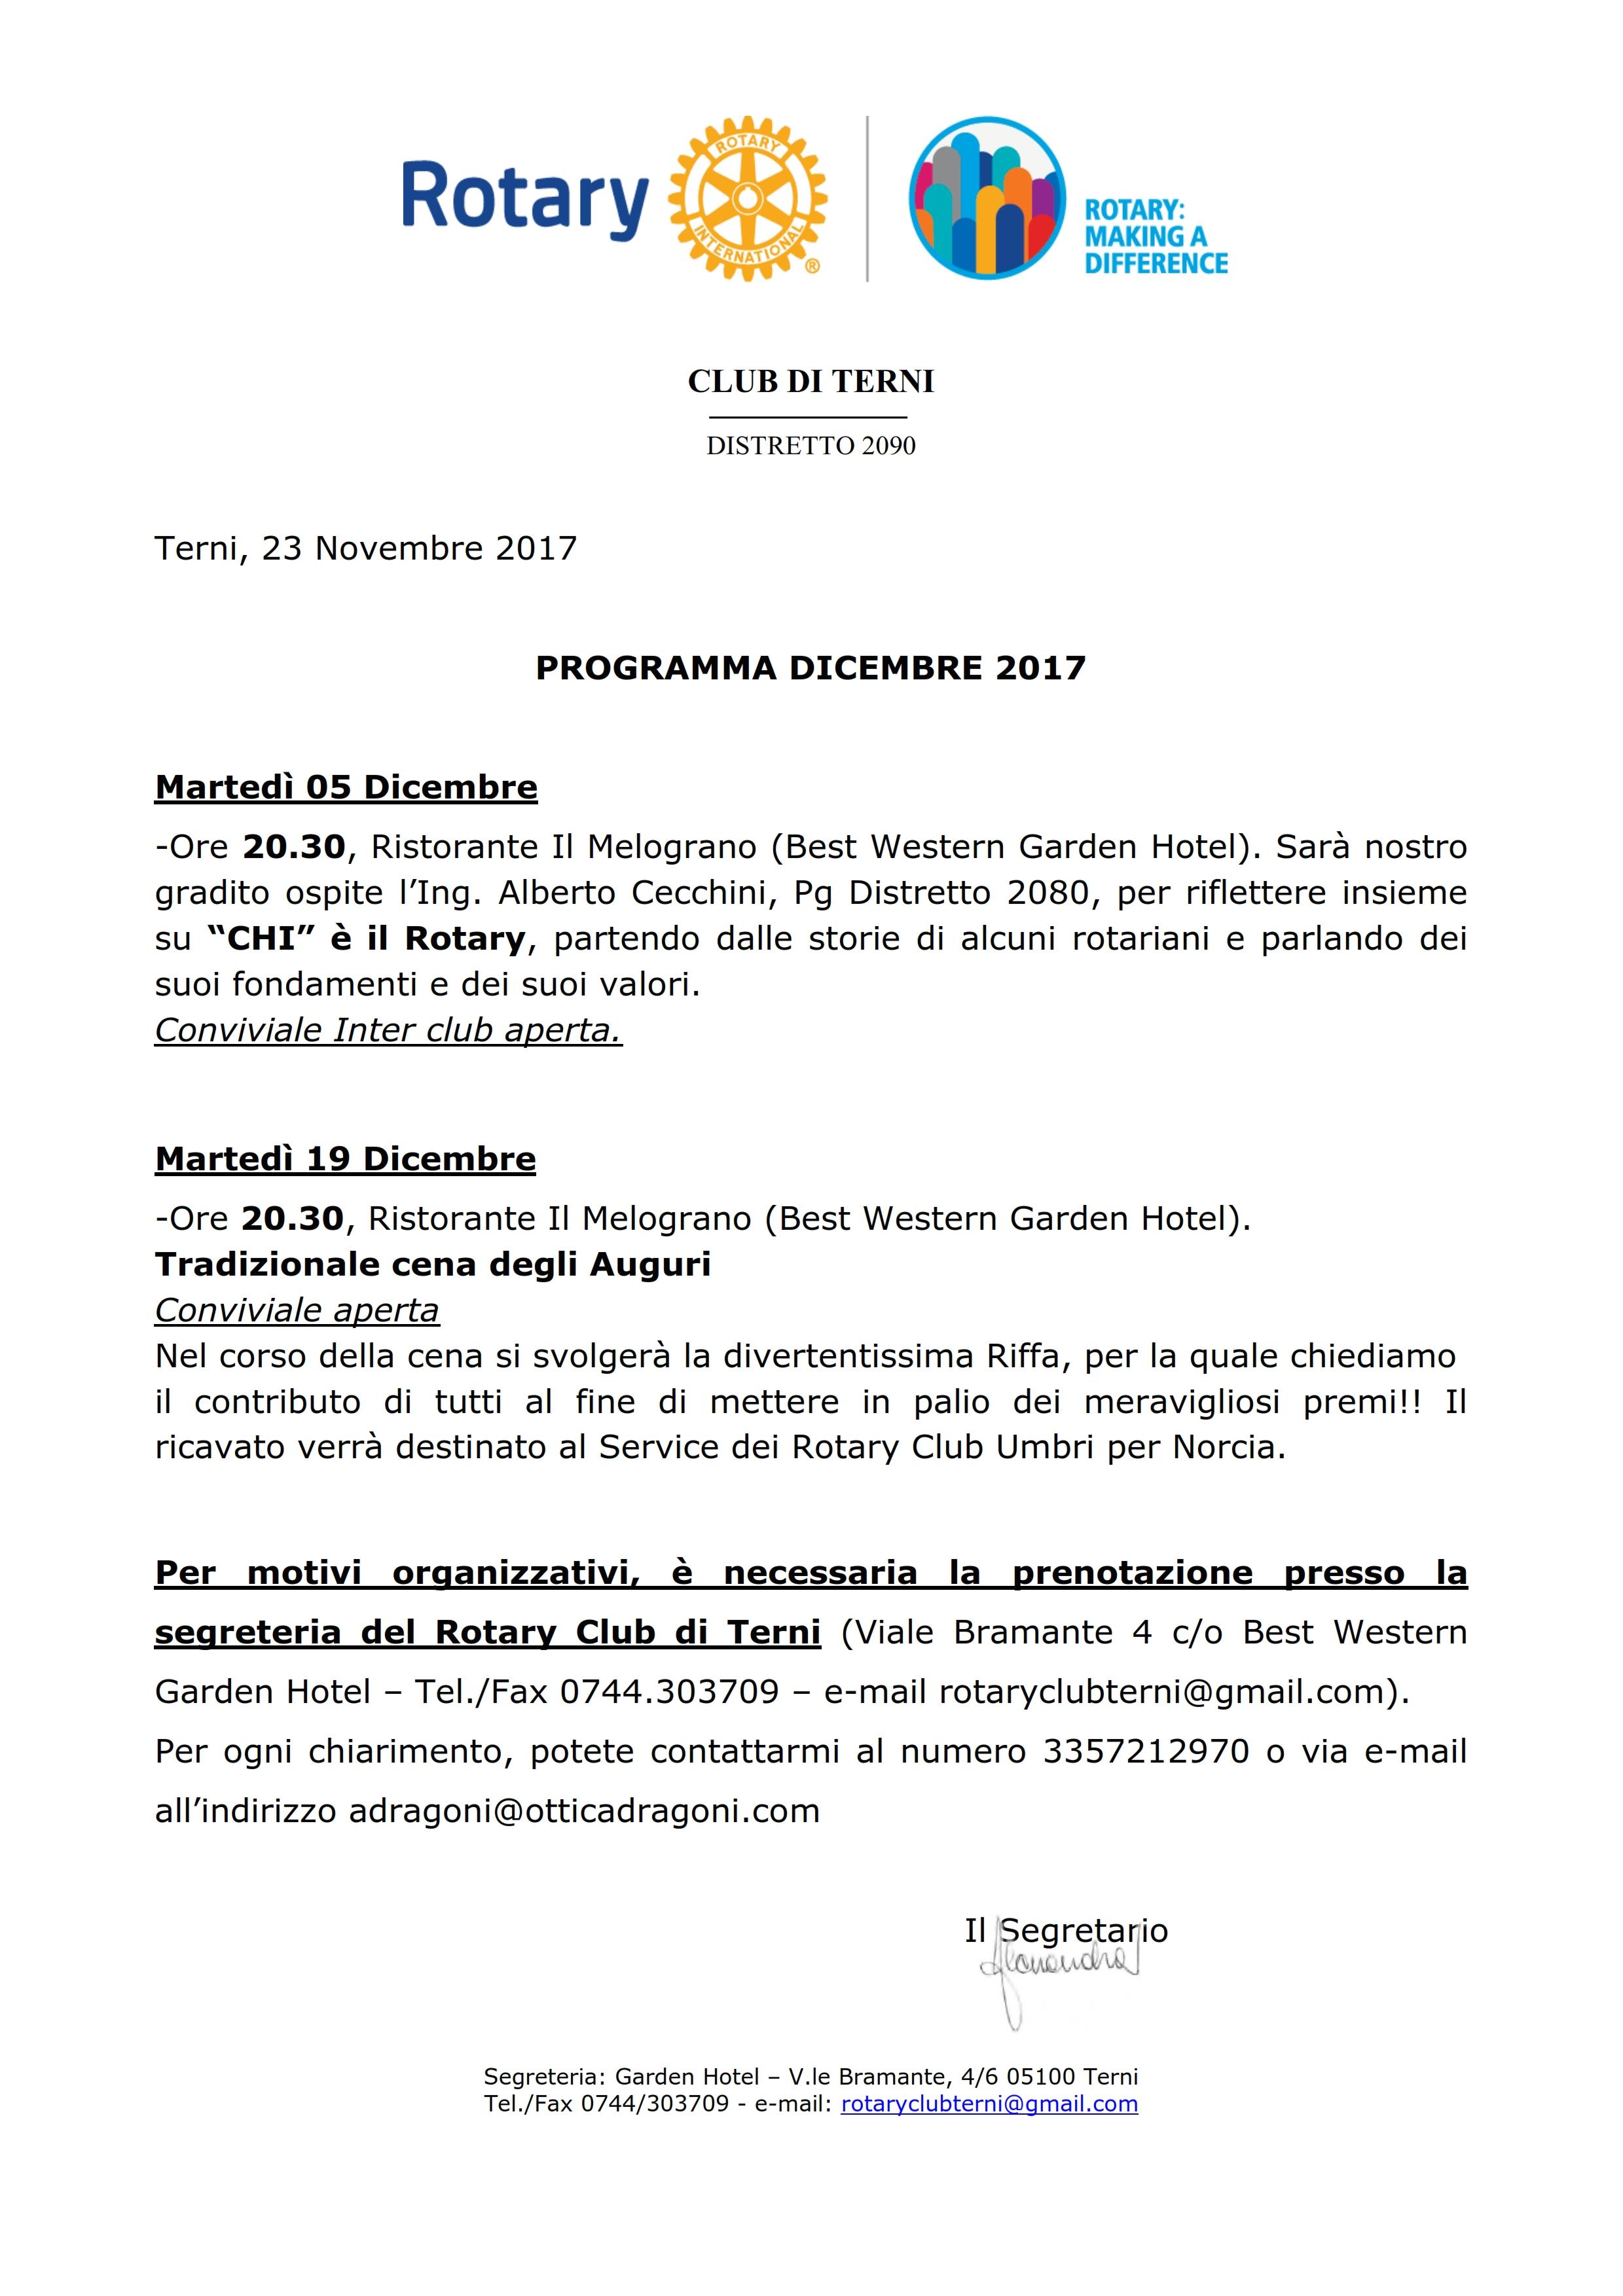 Programma Dicembre 2017_001